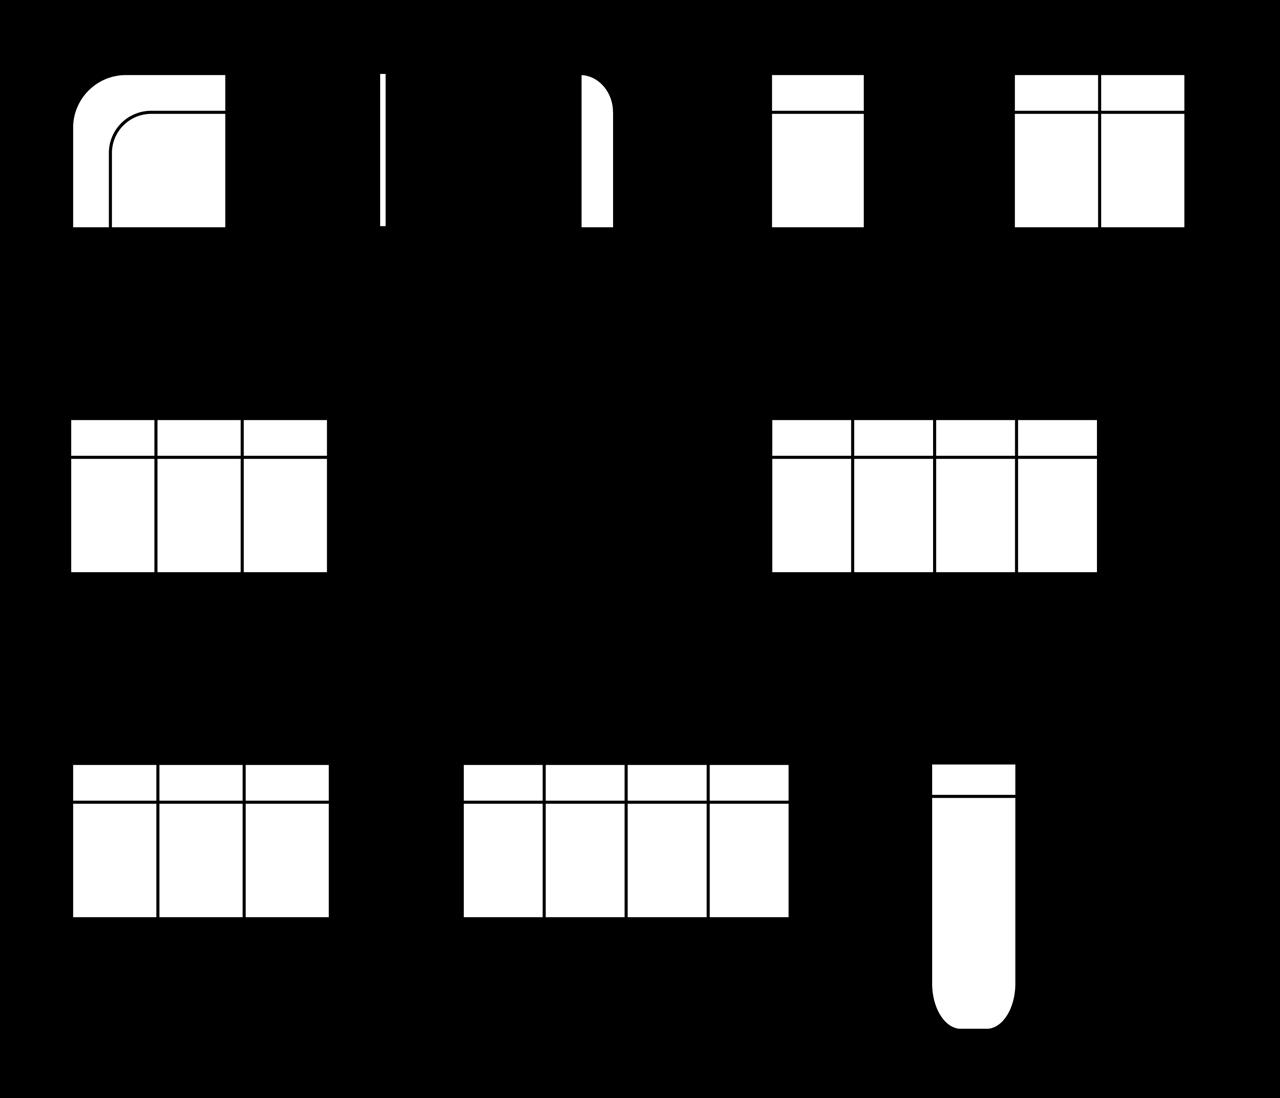 1f859674-df57-4792-a17a-22eae04314b3